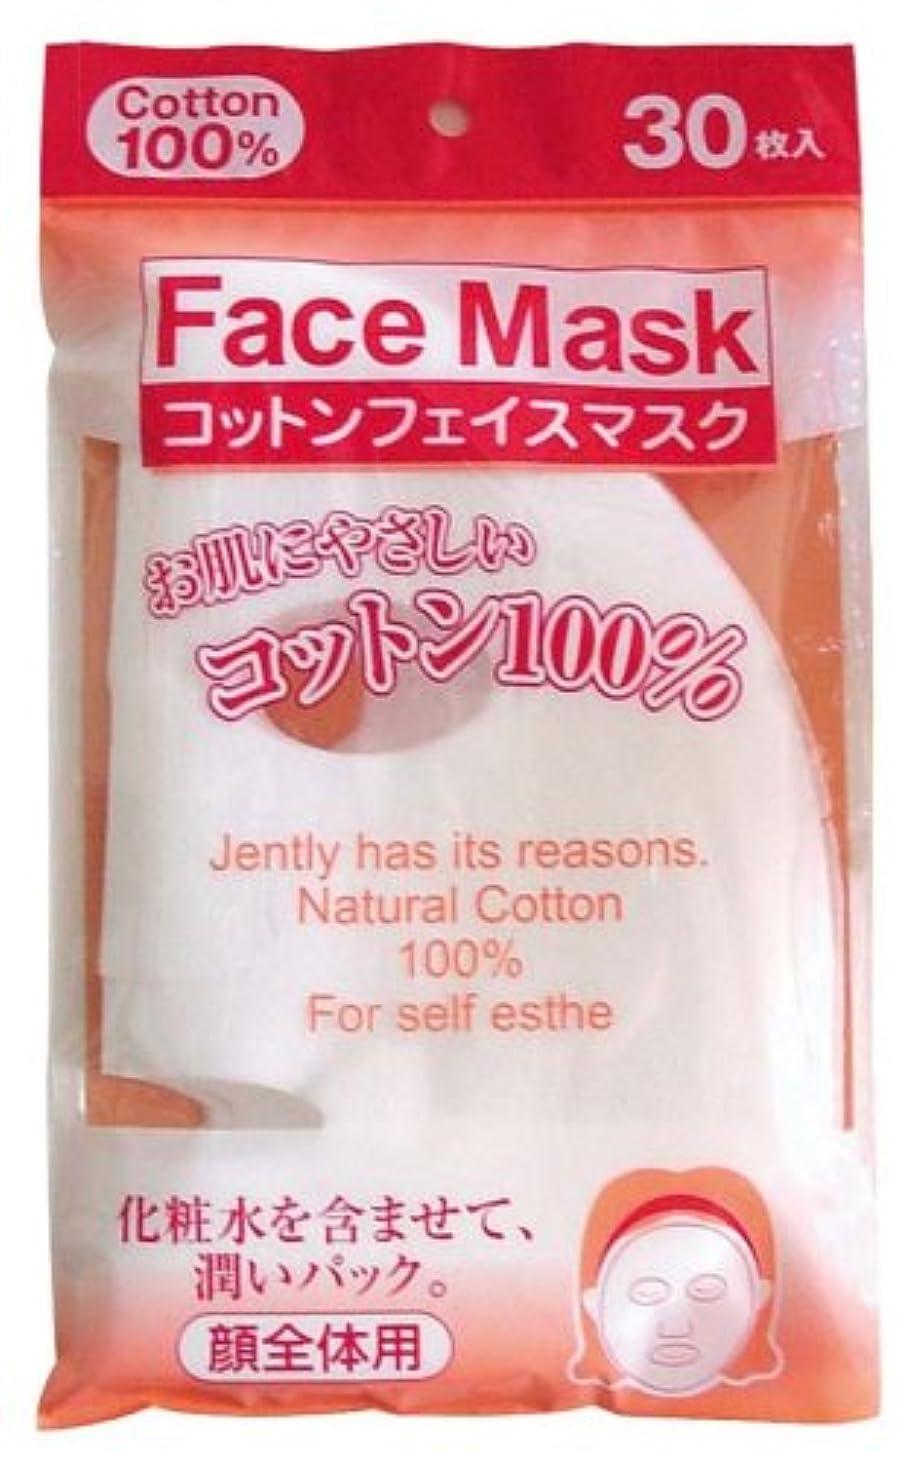 論理レガシー強調するコットン フェイス マスク 30枚